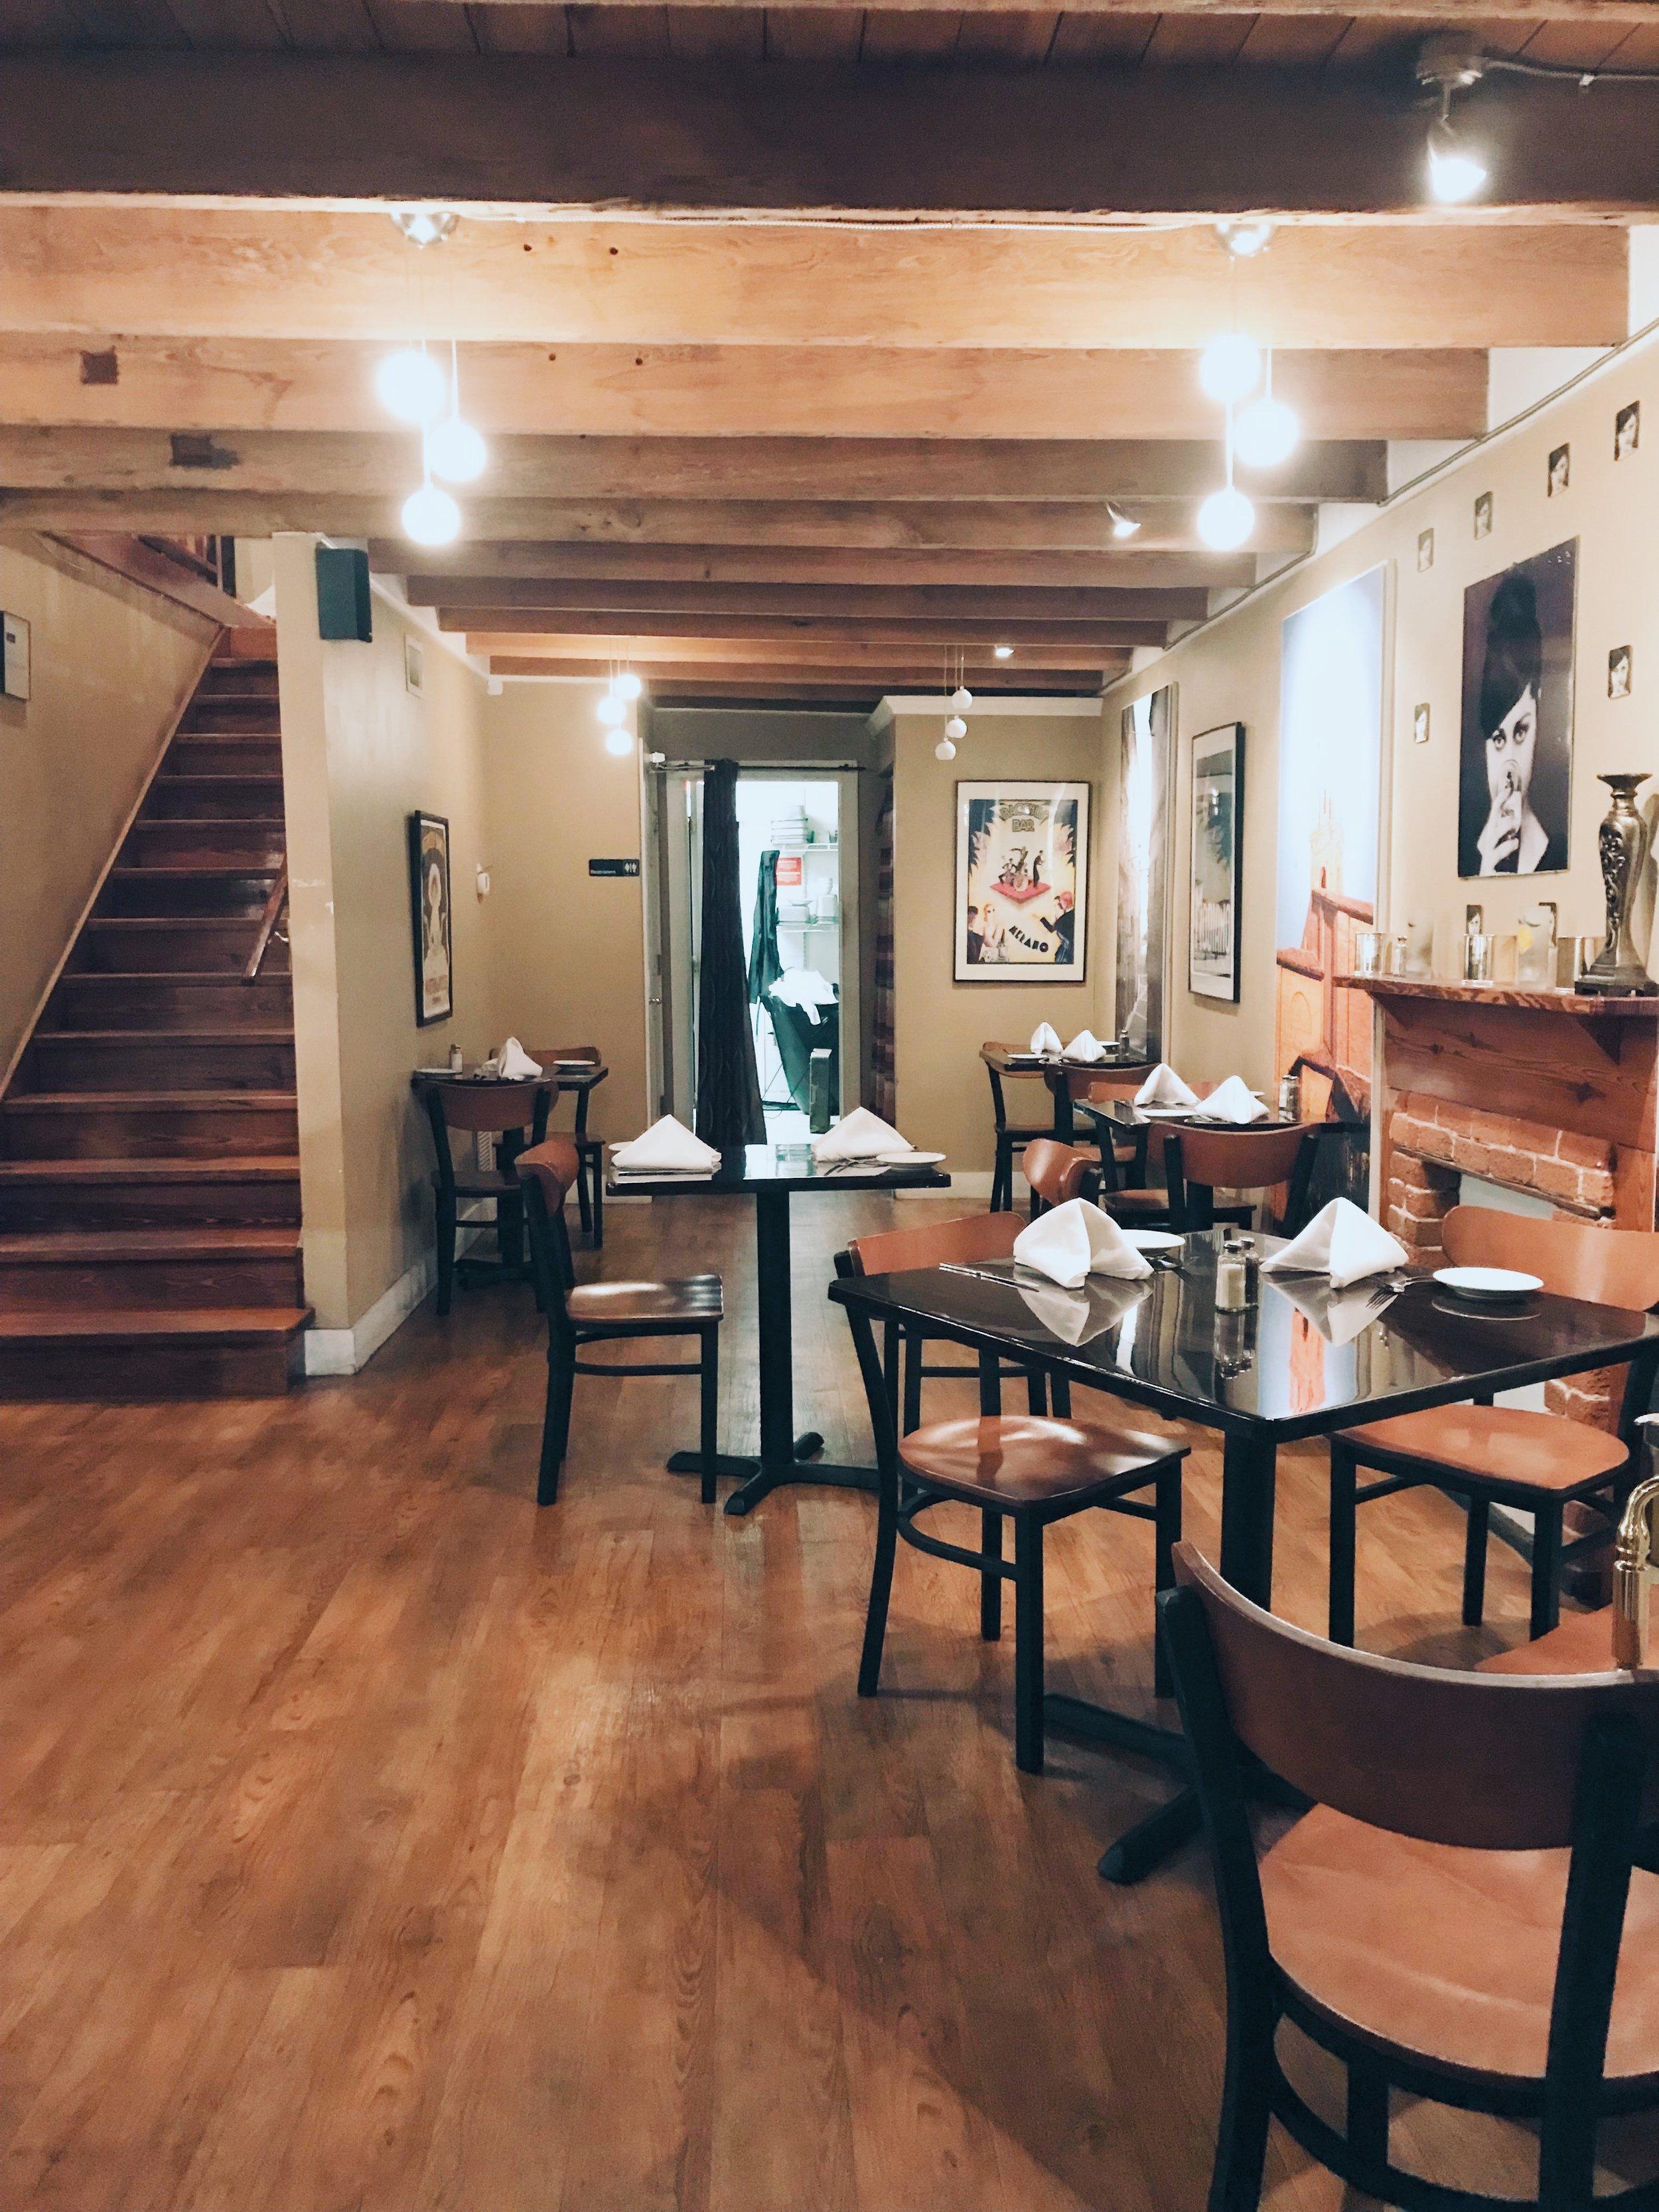 Giannis Cafe (Inside the restaurant)